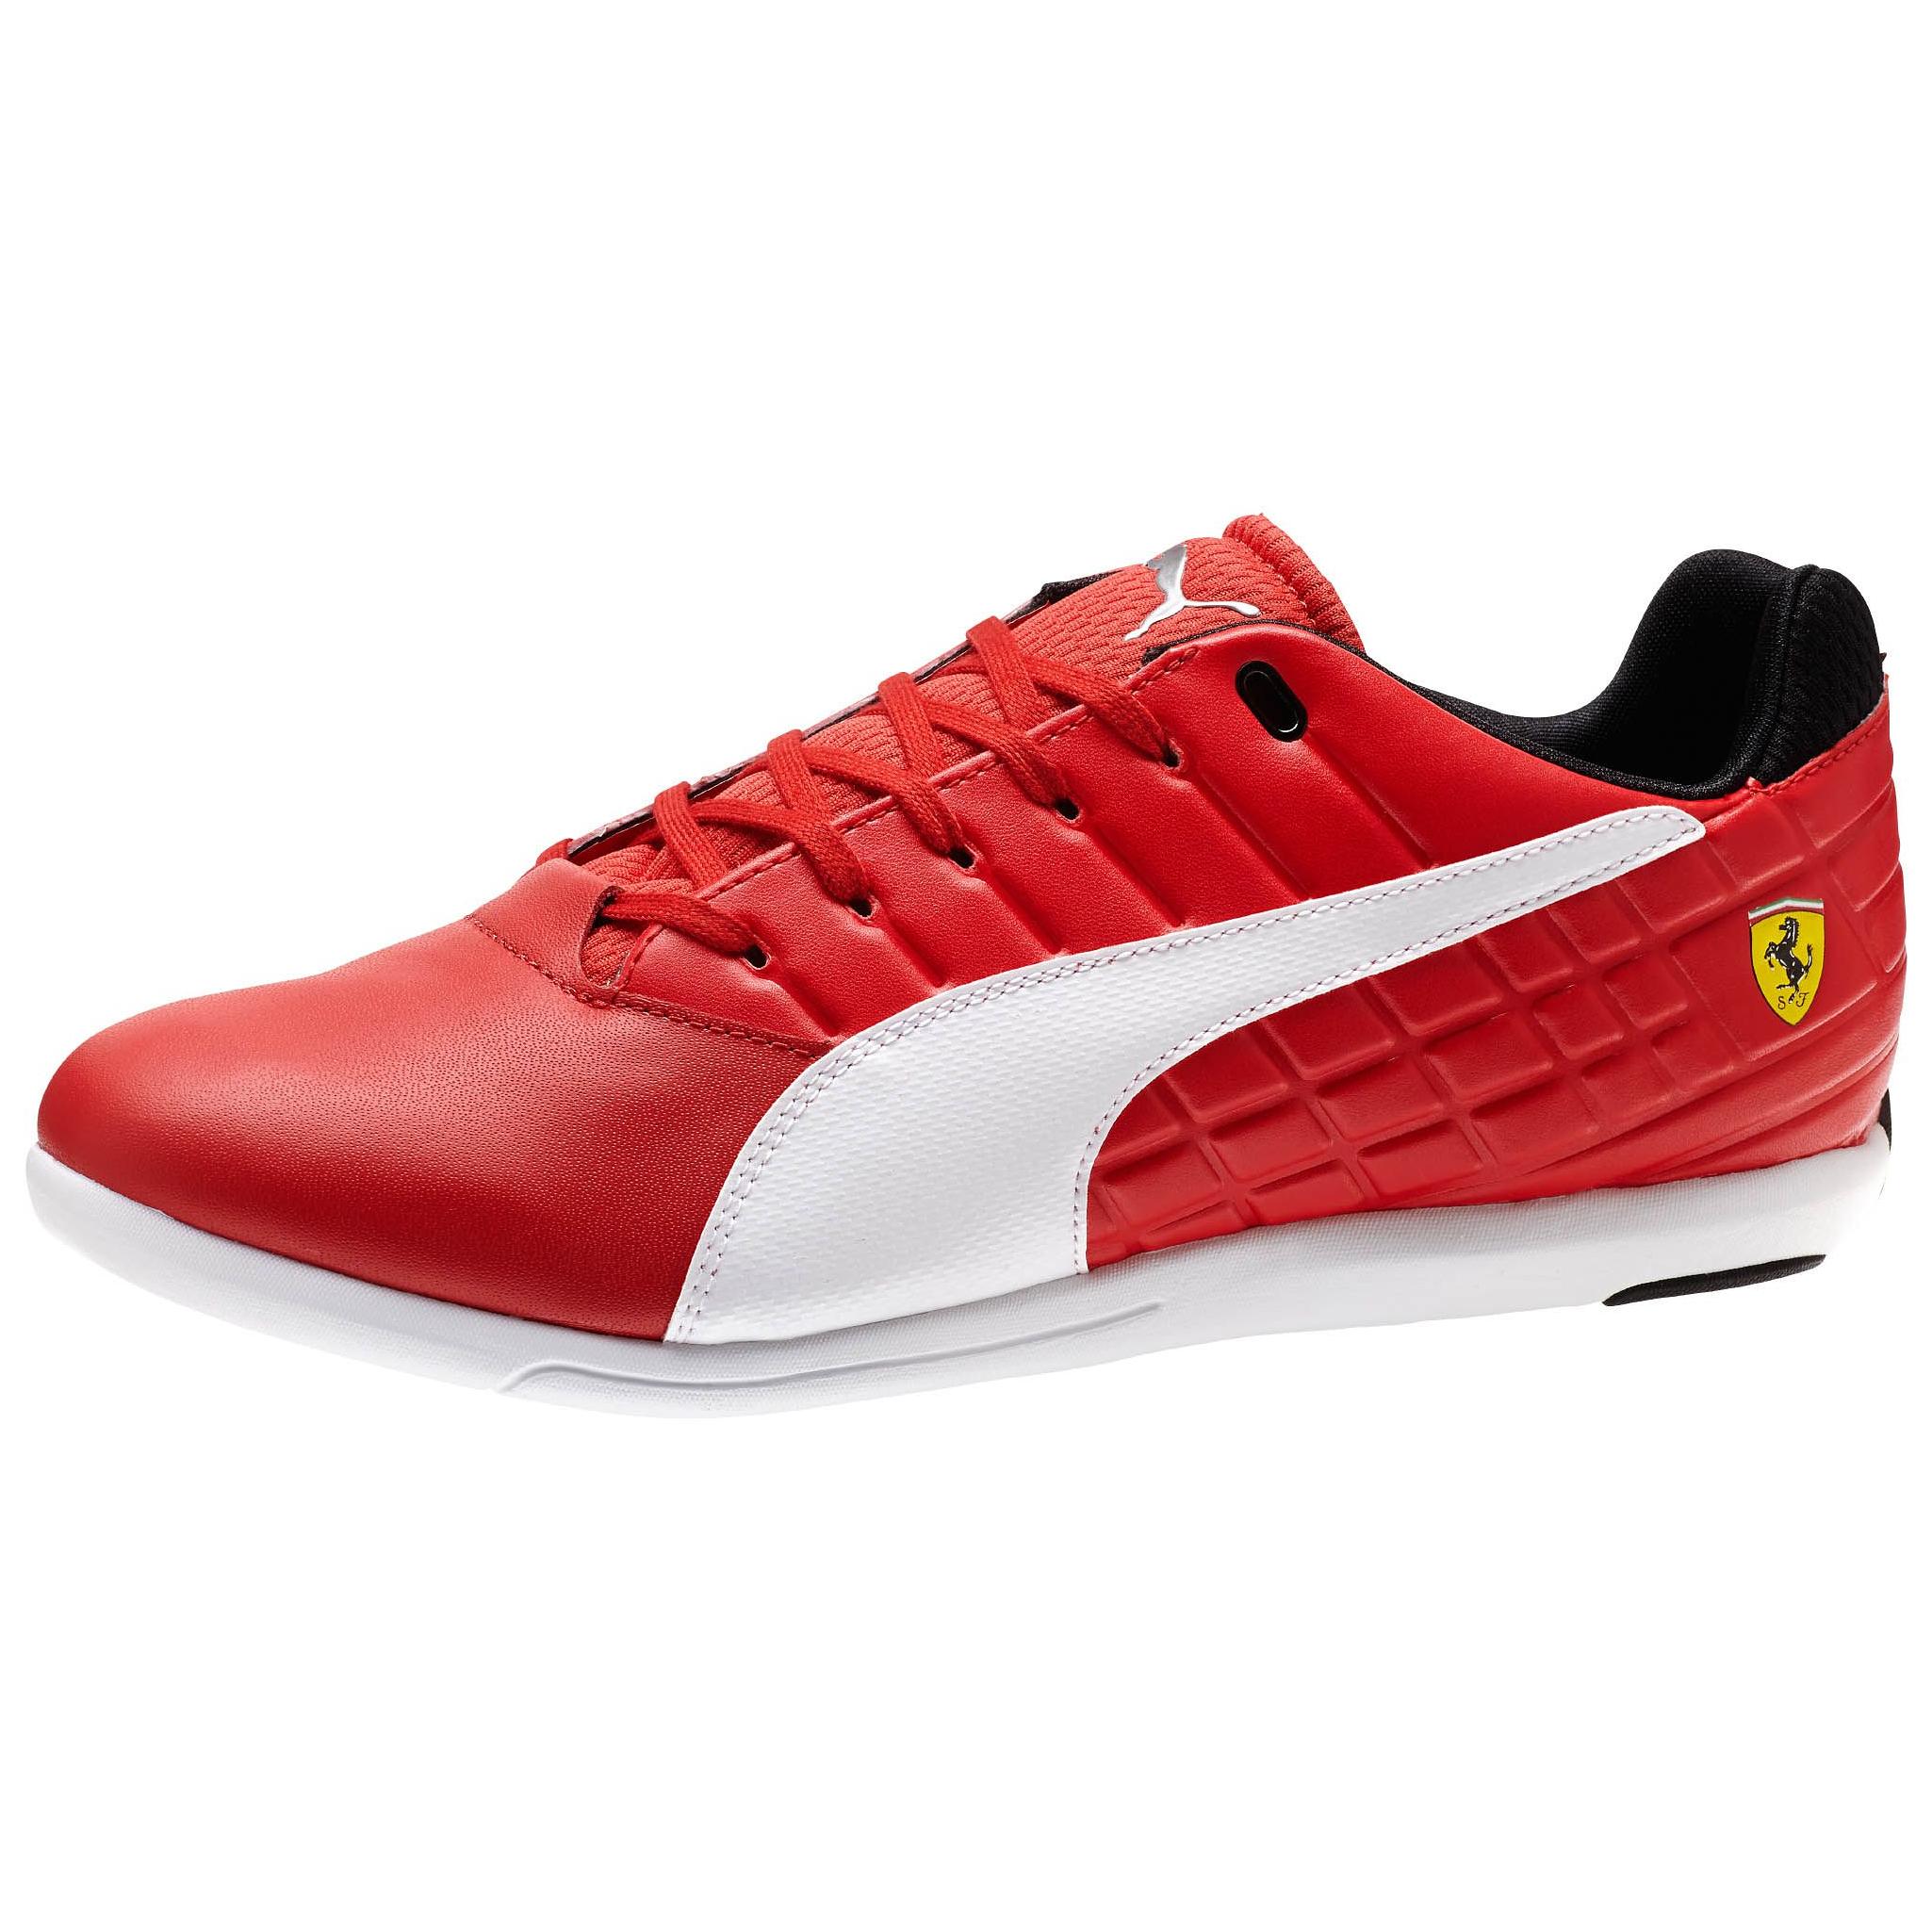 87808b54636d08 Ferrari Pedale Grid Men s Shoes - on  sale 30% off    Puma